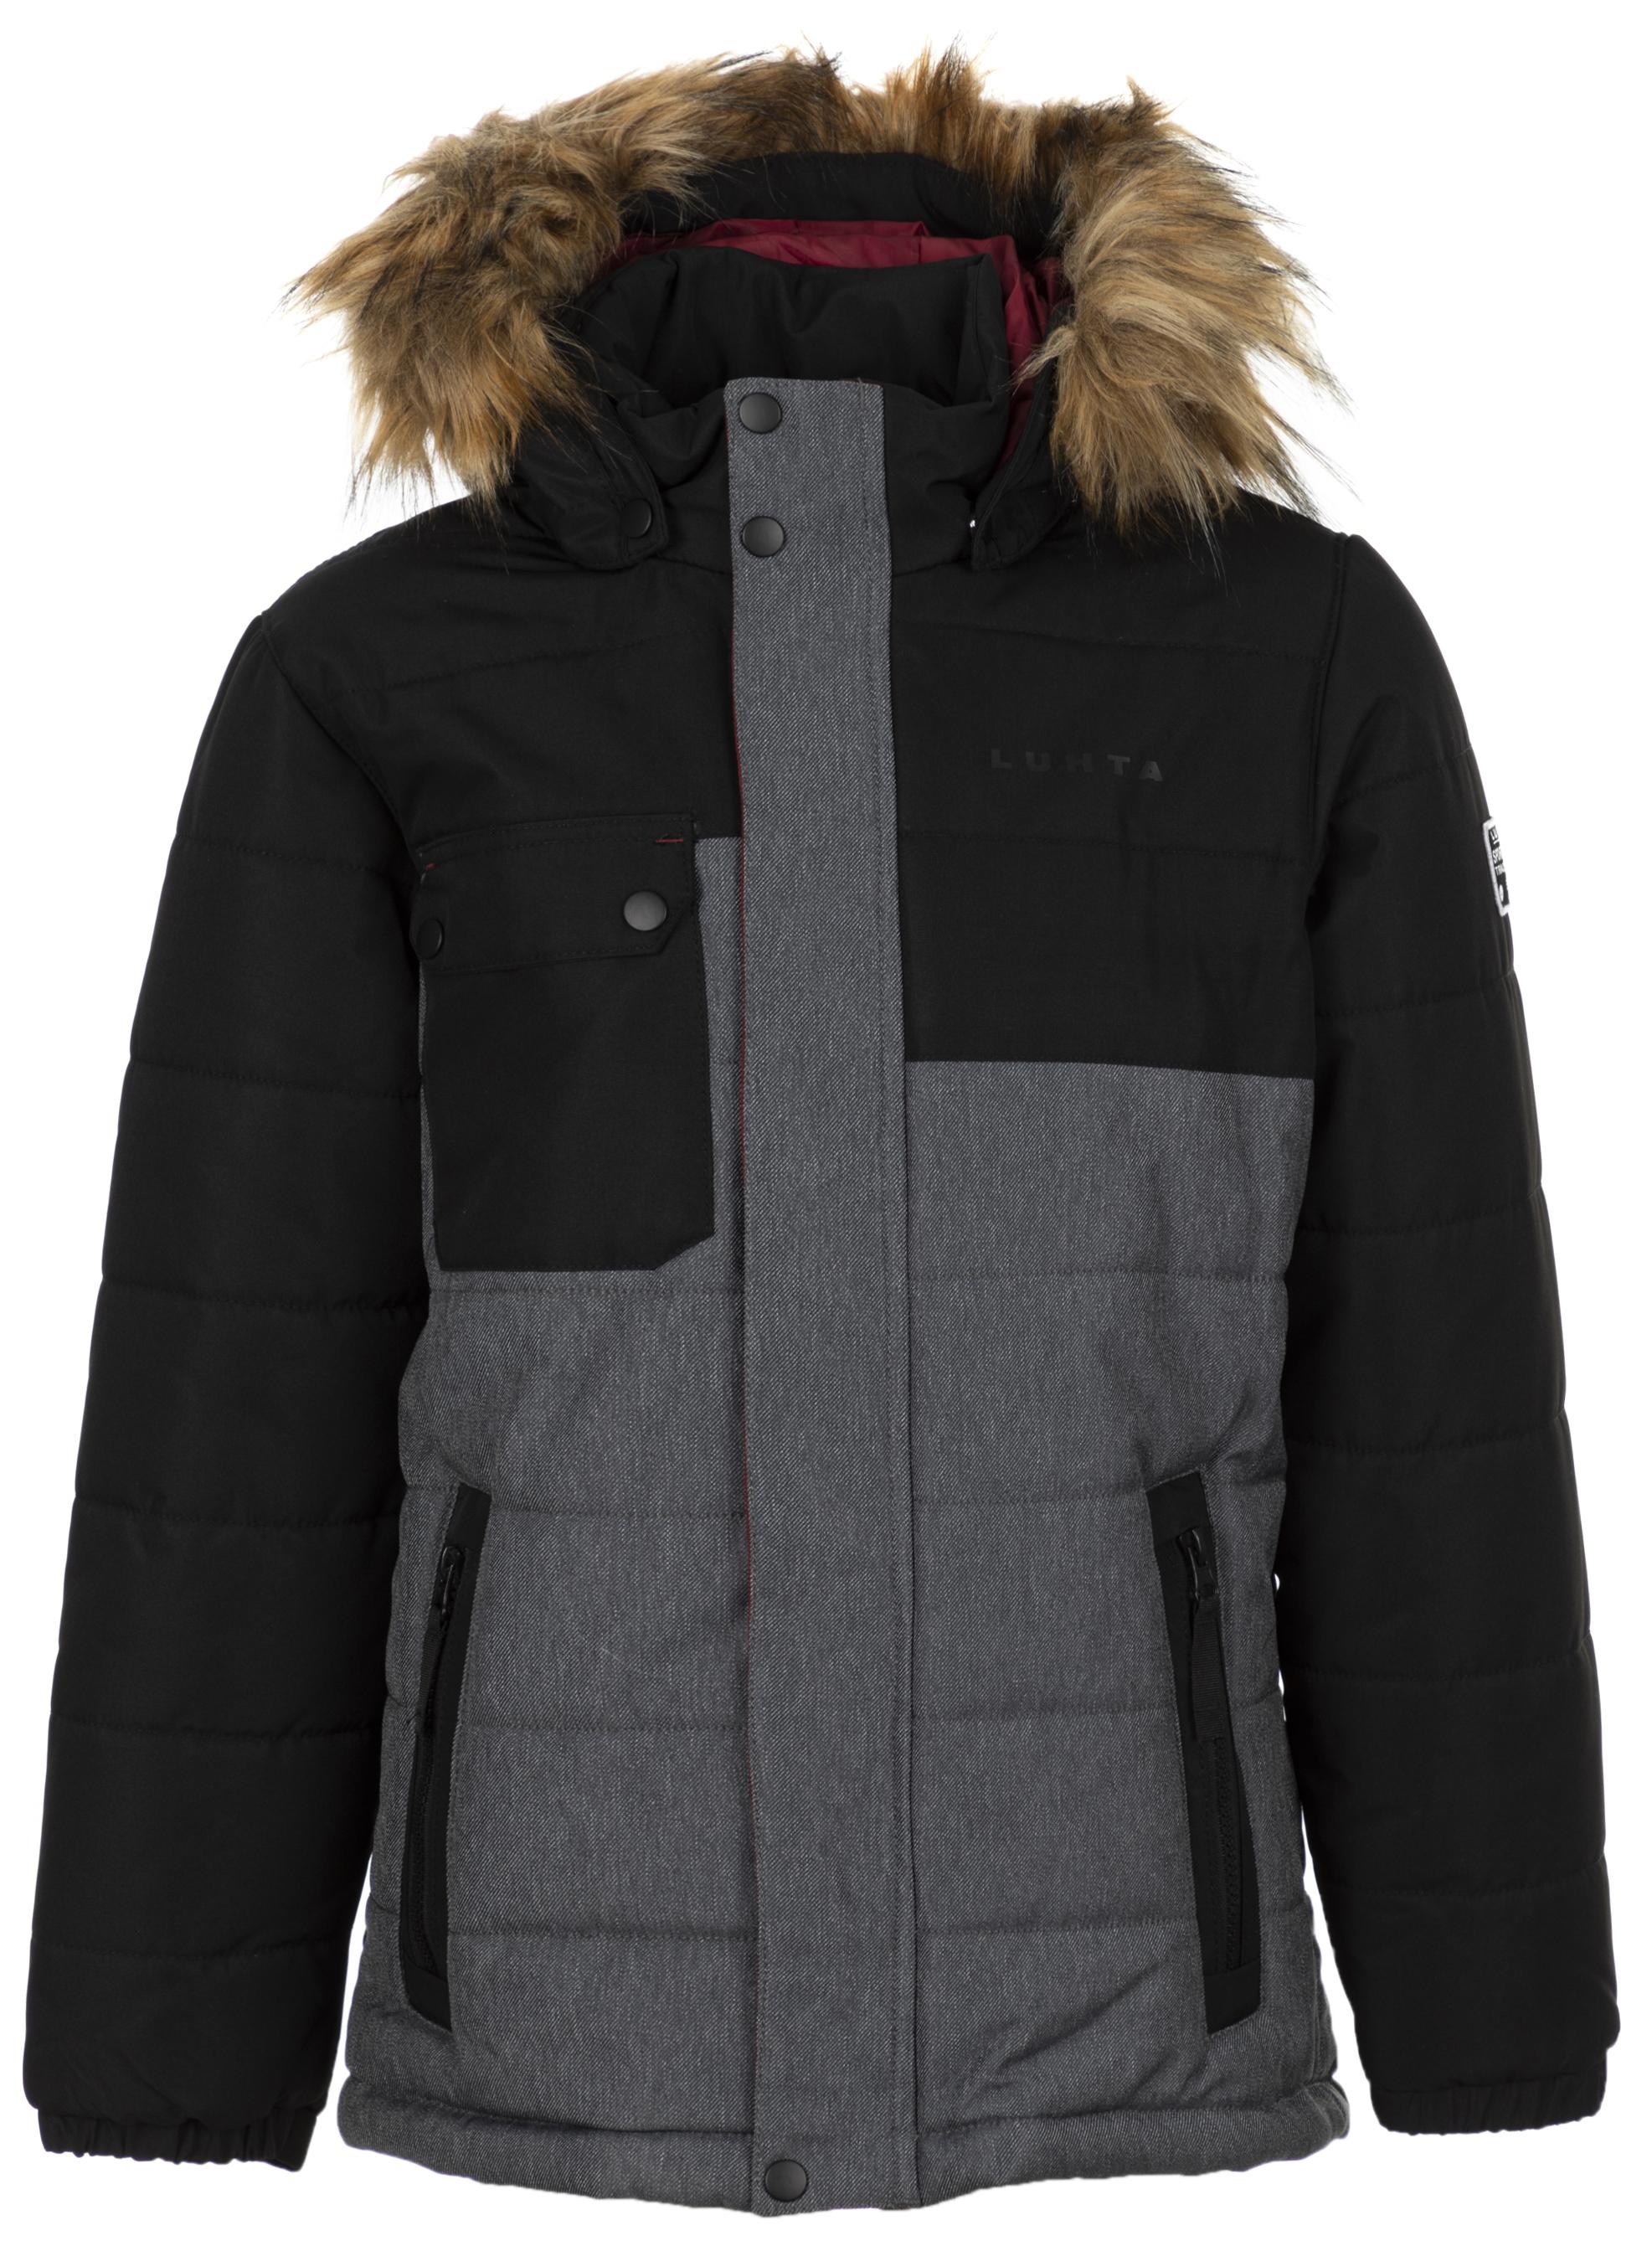 Luhta Куртка утепленная для мальчиков Luhta Kaikko, размер 164 цена и фото